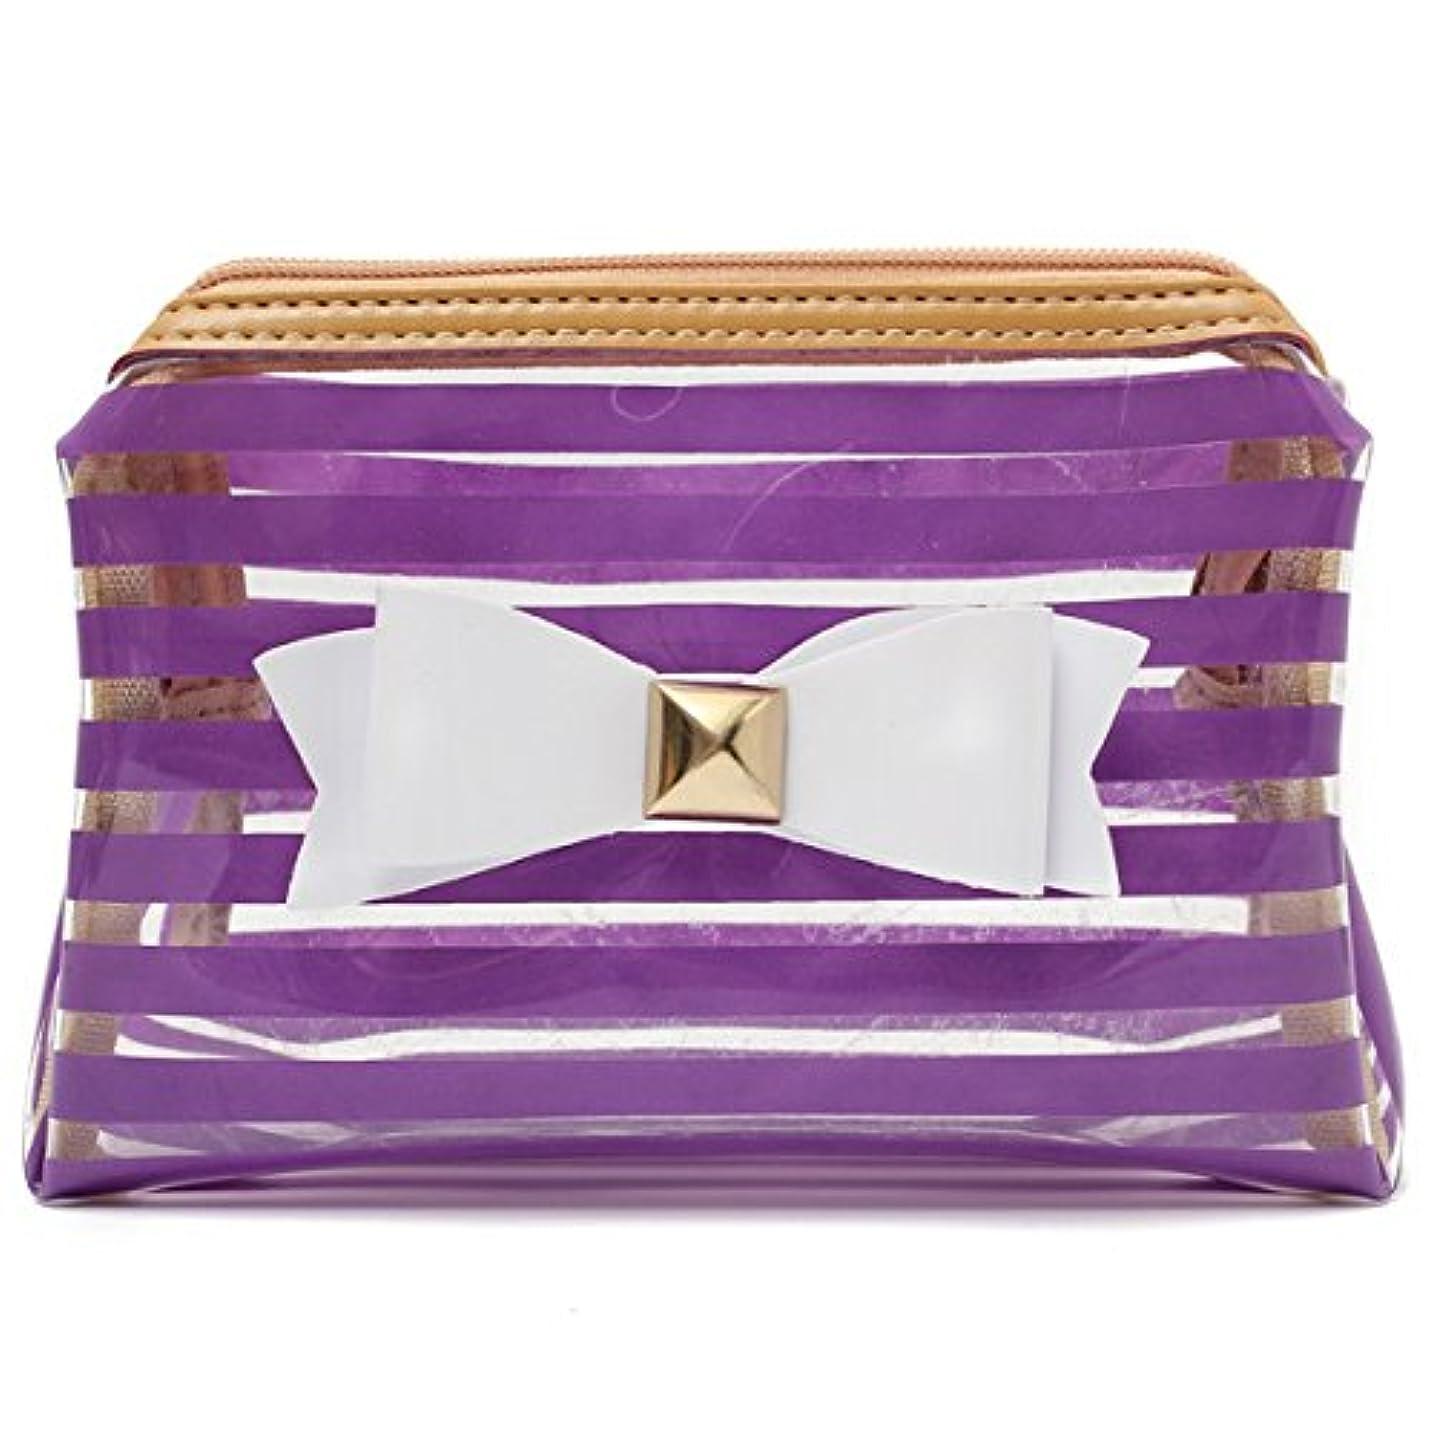 ナインへビバ些細YZUEYT ストライプ透明な化粧品のバッグ旅行PVCボウタイはオーガナイザーケースを作る YZUEYT (Color : Color Purple Hippo)